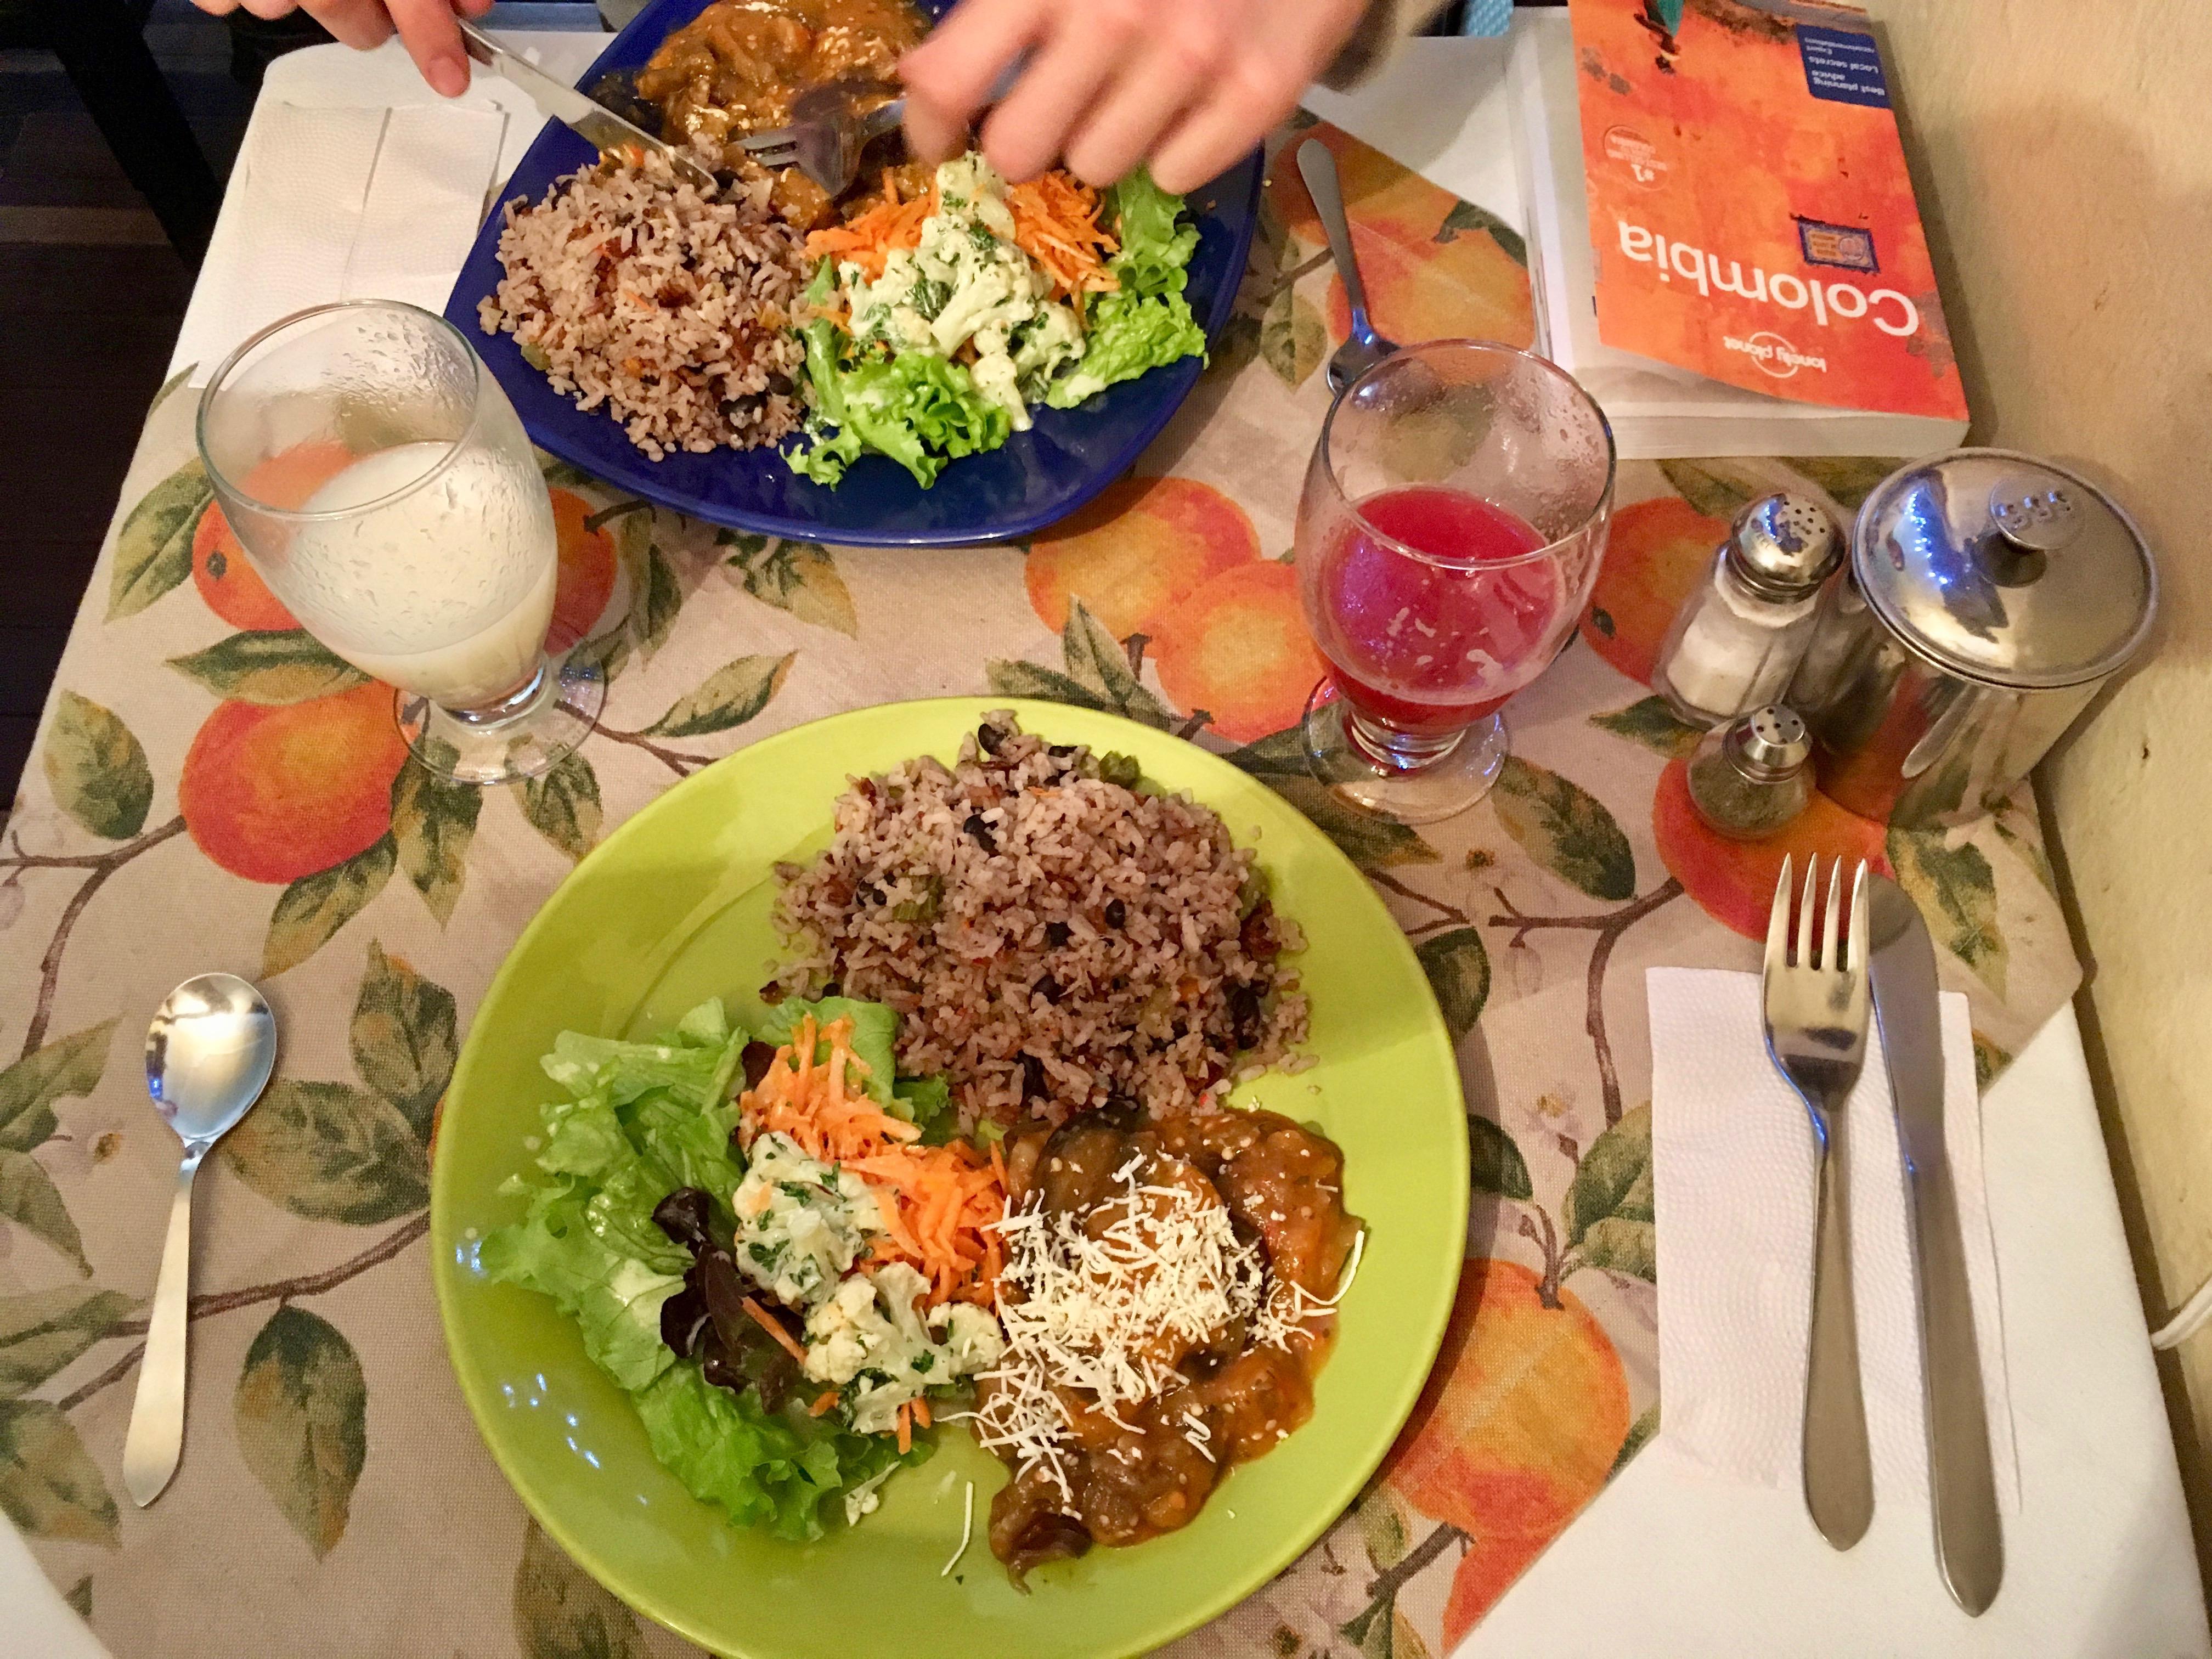 vegan restaurant in bogotá